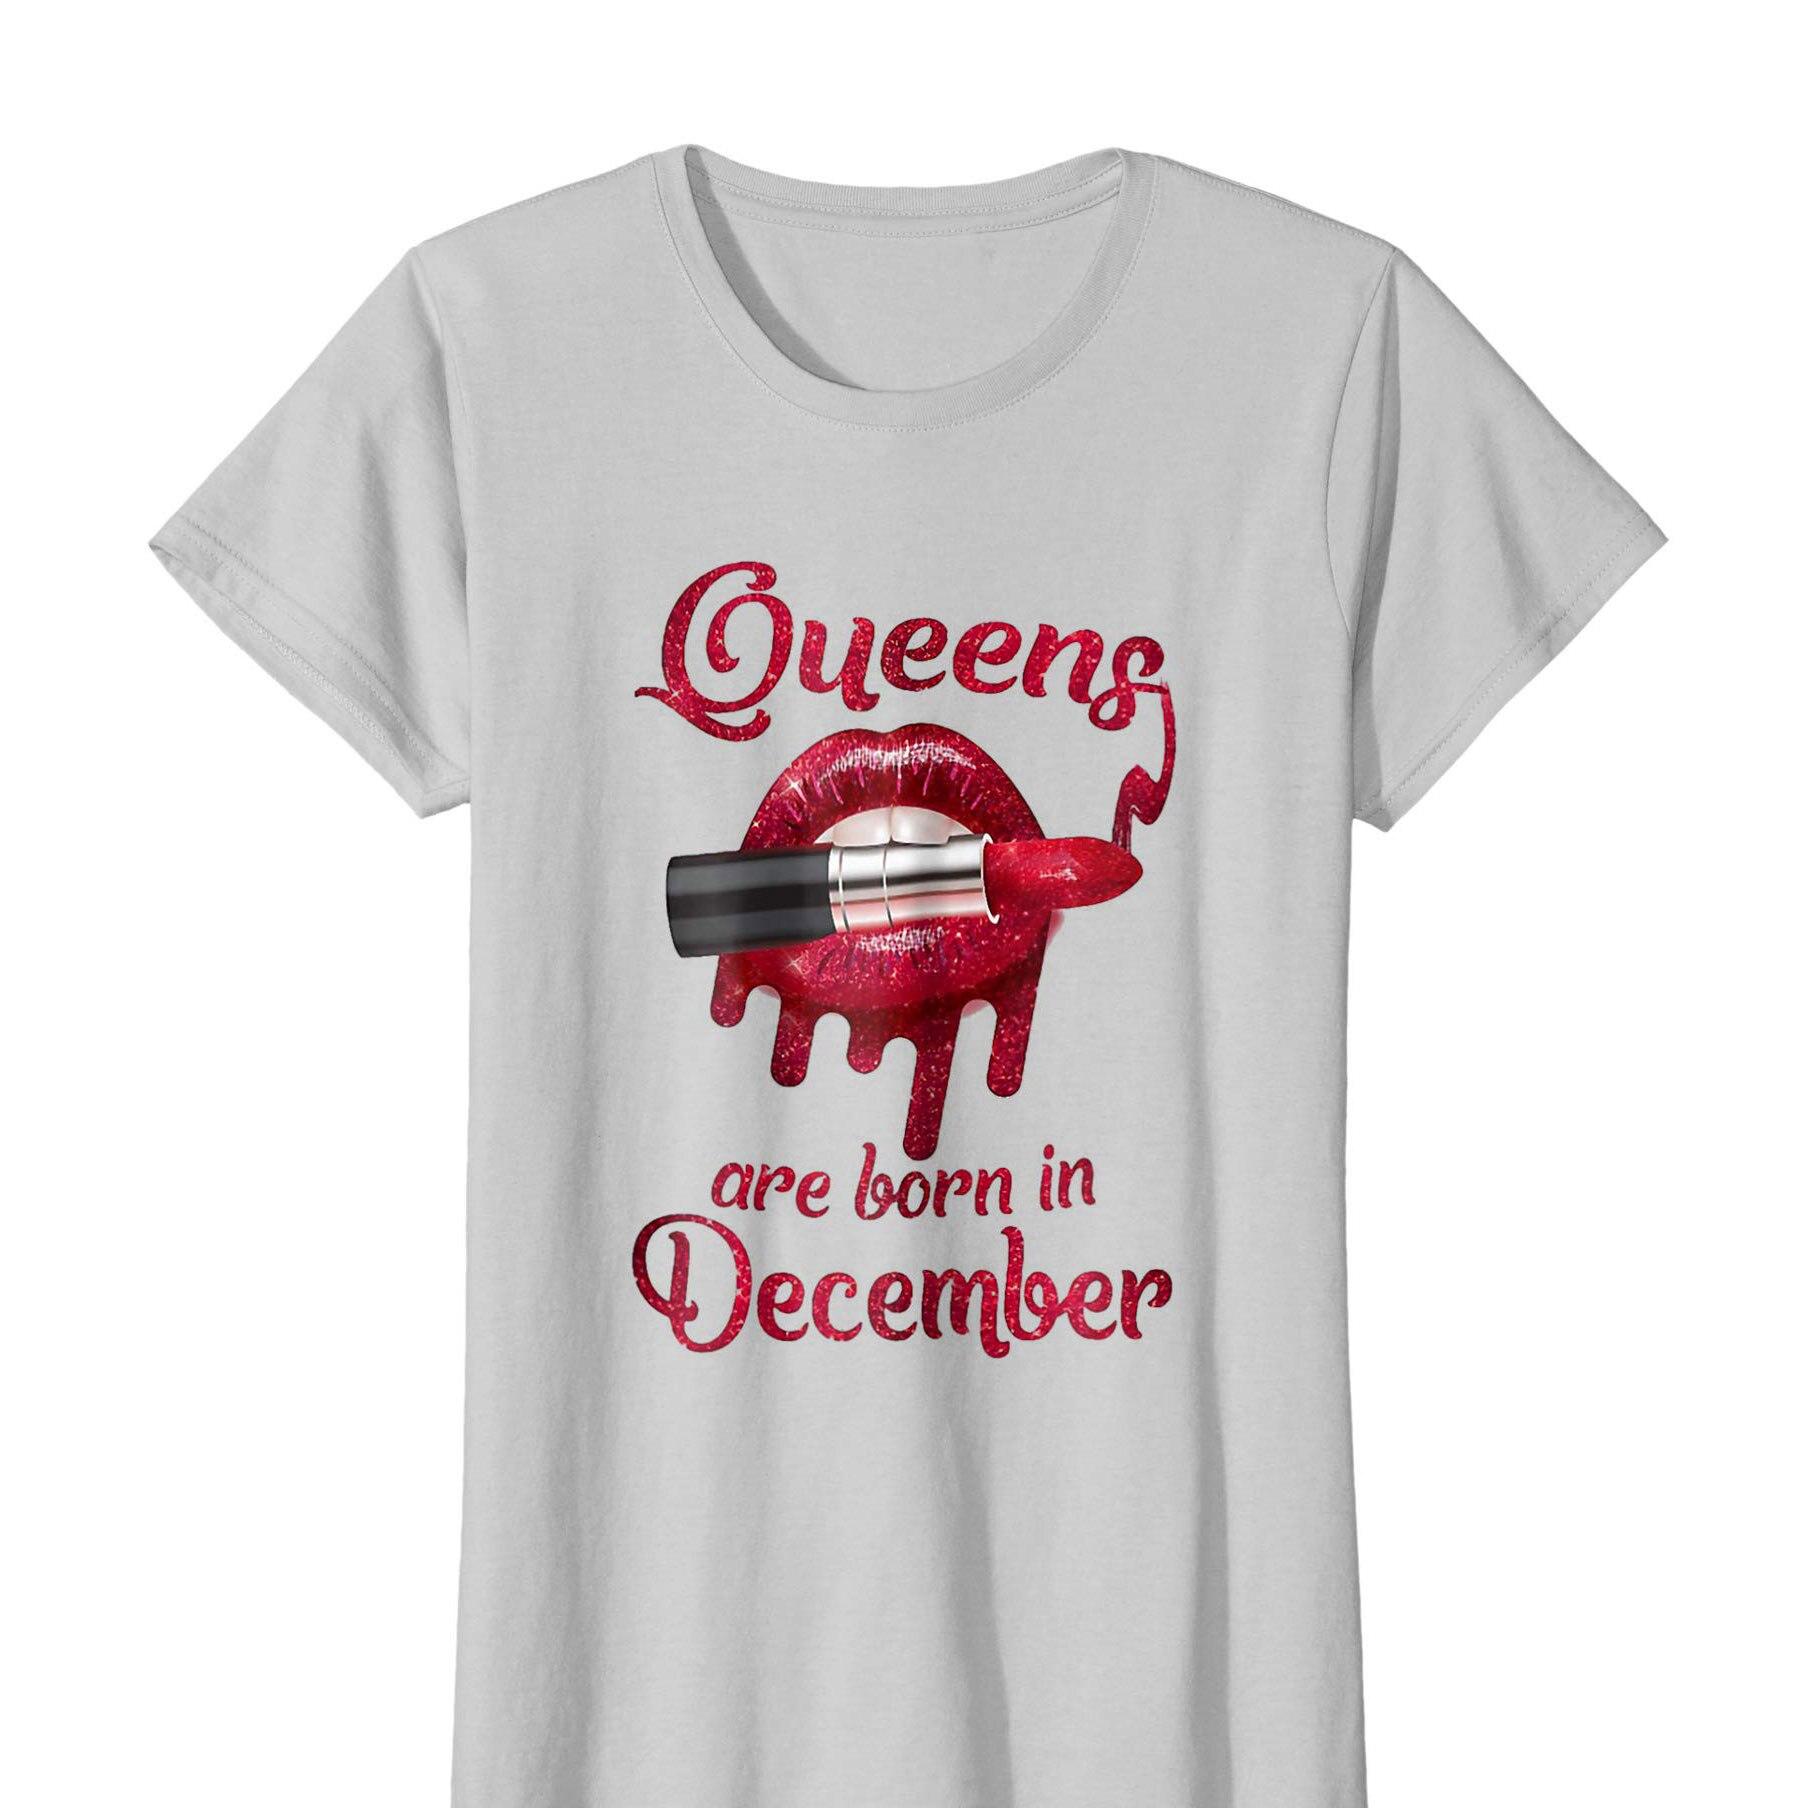 Camiseta de mujer reinas nacen en diciembre pintalabios labios rojos camisa divertida suelta manga corta estilo lindo